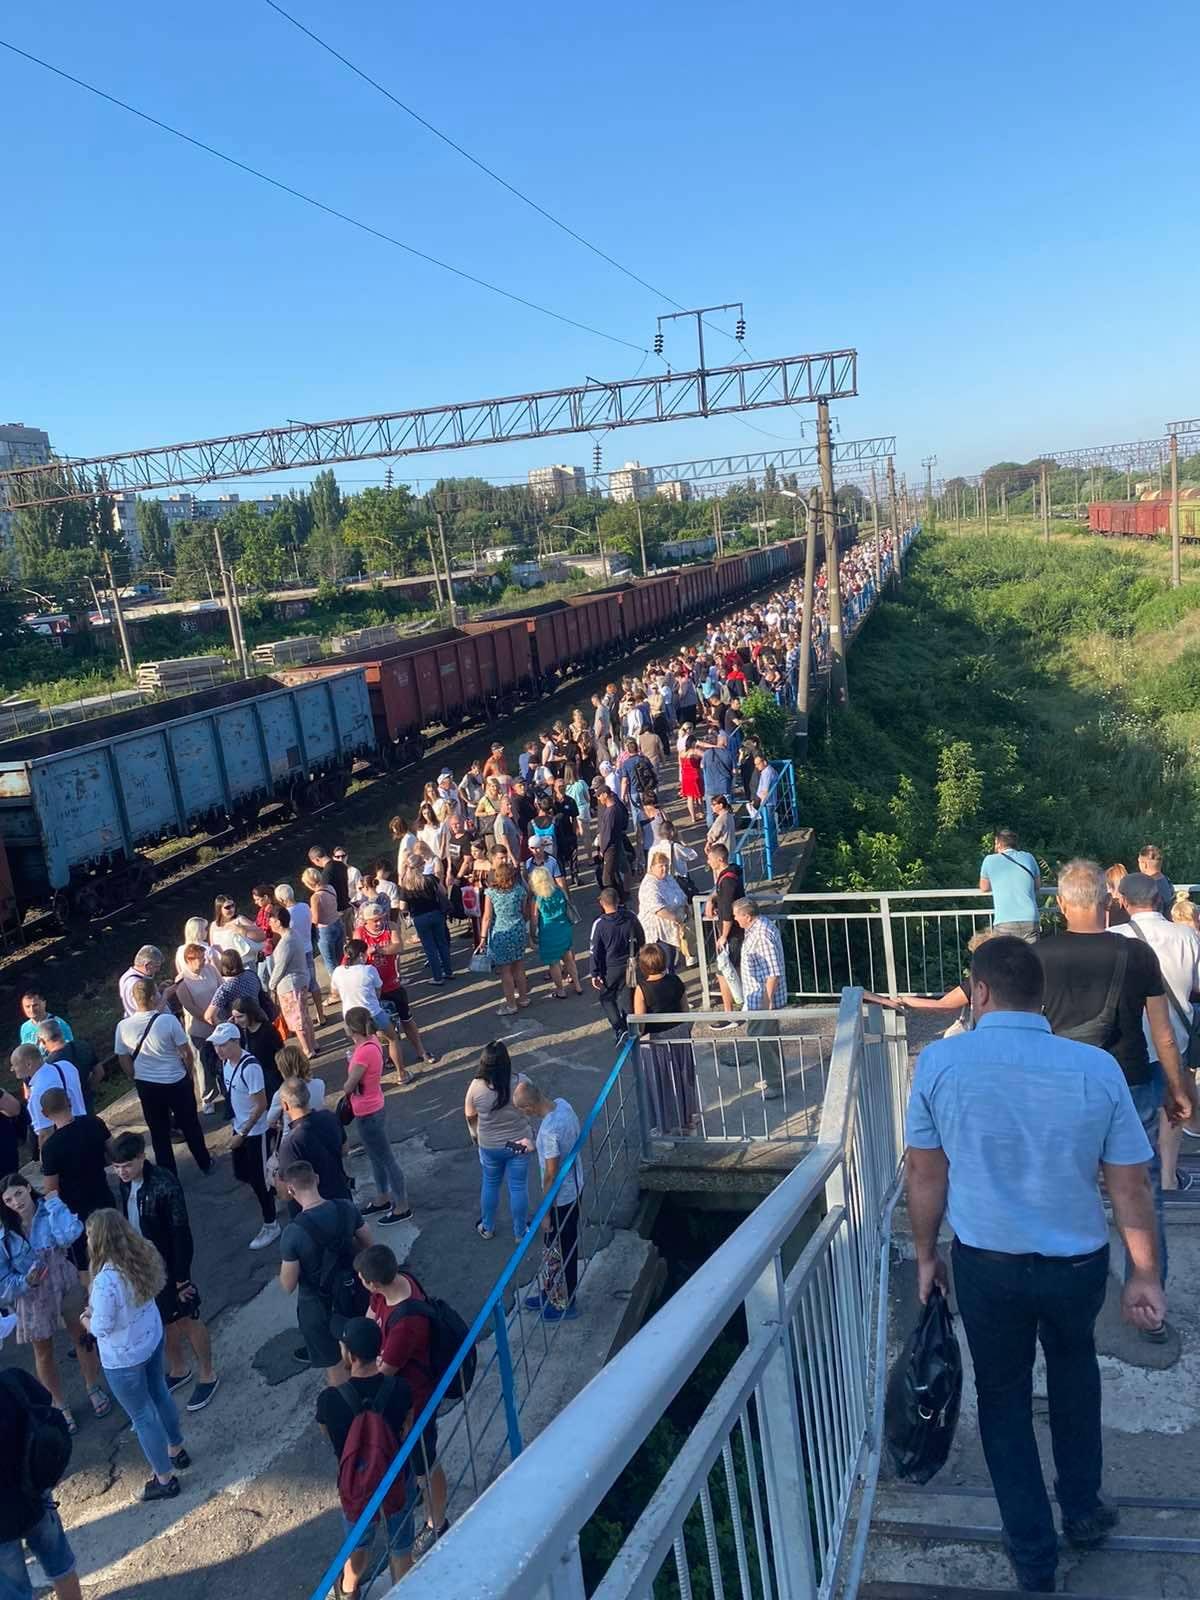 """Під Одесою на вокзалі показали гігантську чергу: """"дорога життя"""" (фото)"""